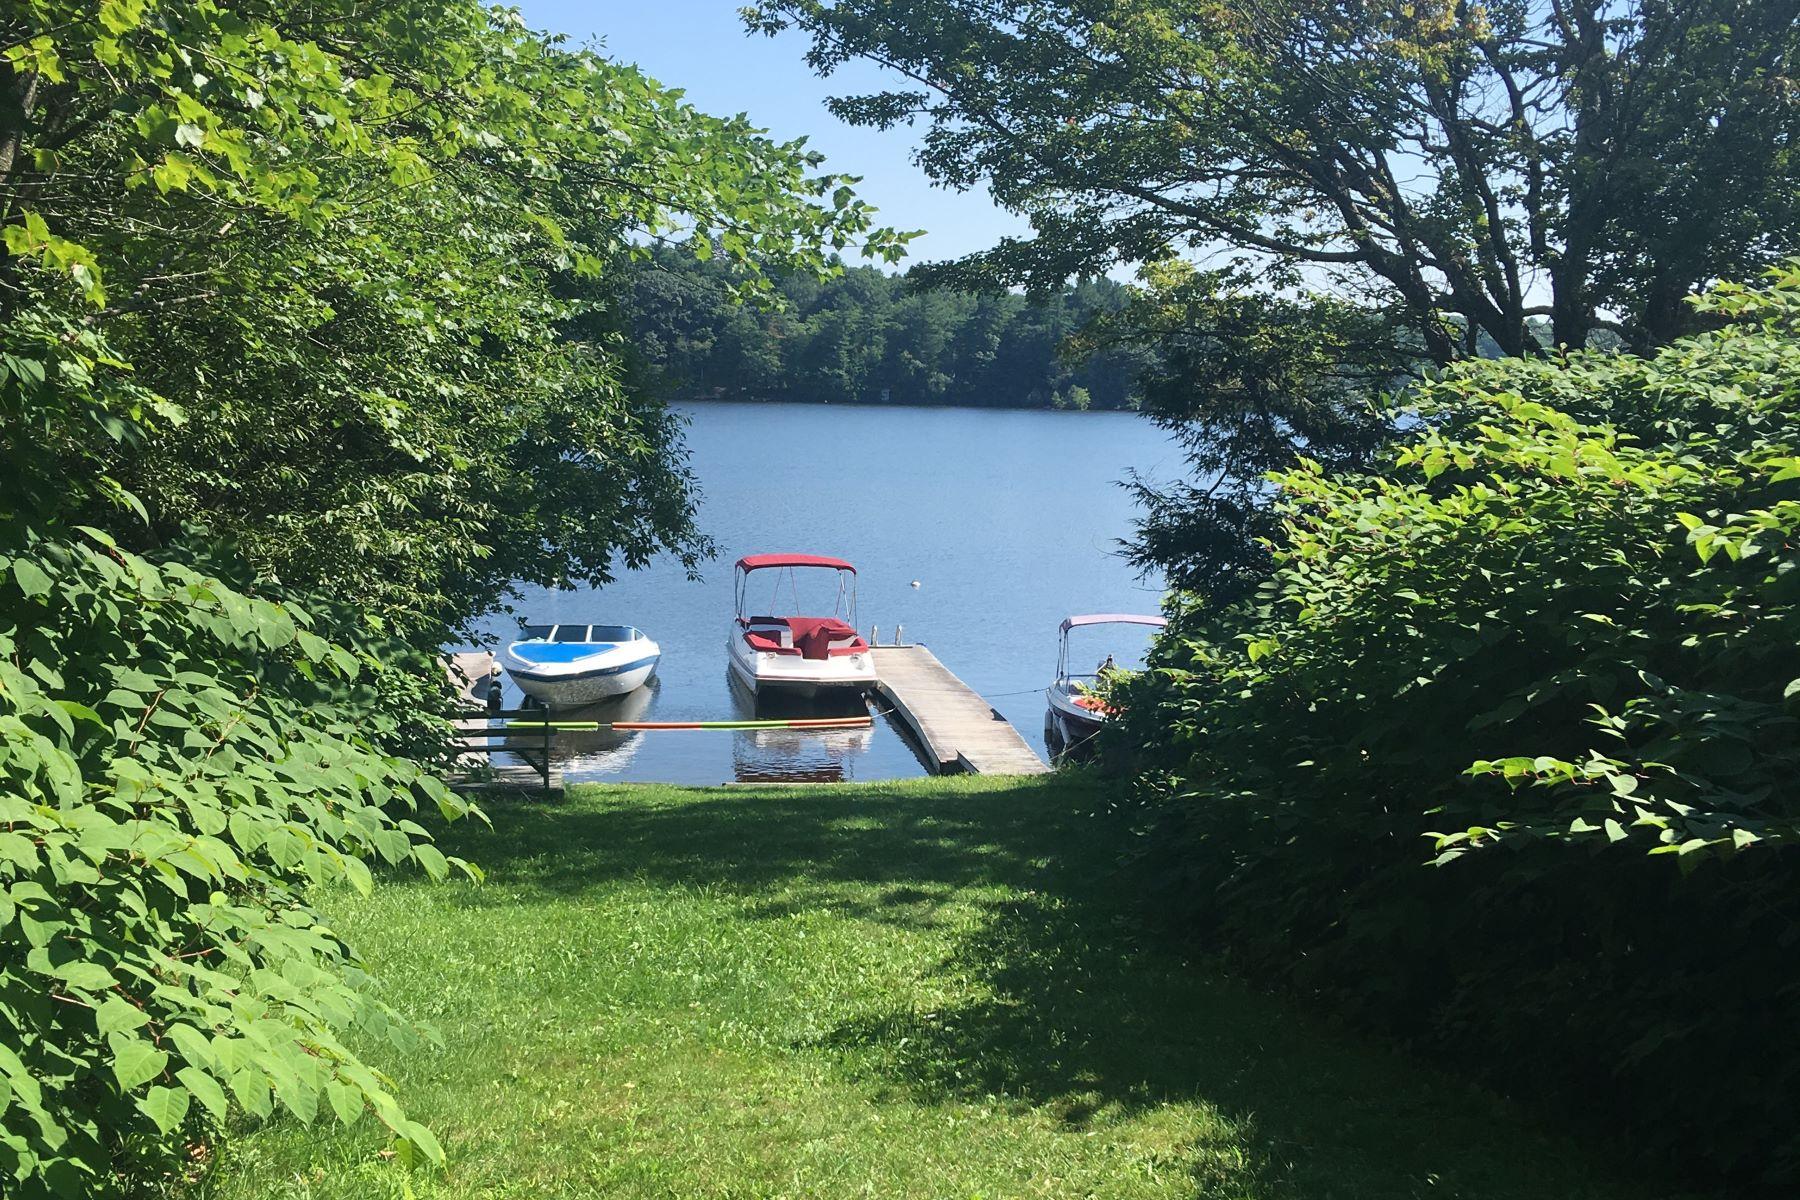 土地,用地 为 销售 在 Water Access to Otis Reservoir Lot 3 Pine Rd Otis, 马萨诸塞州 01253 美国